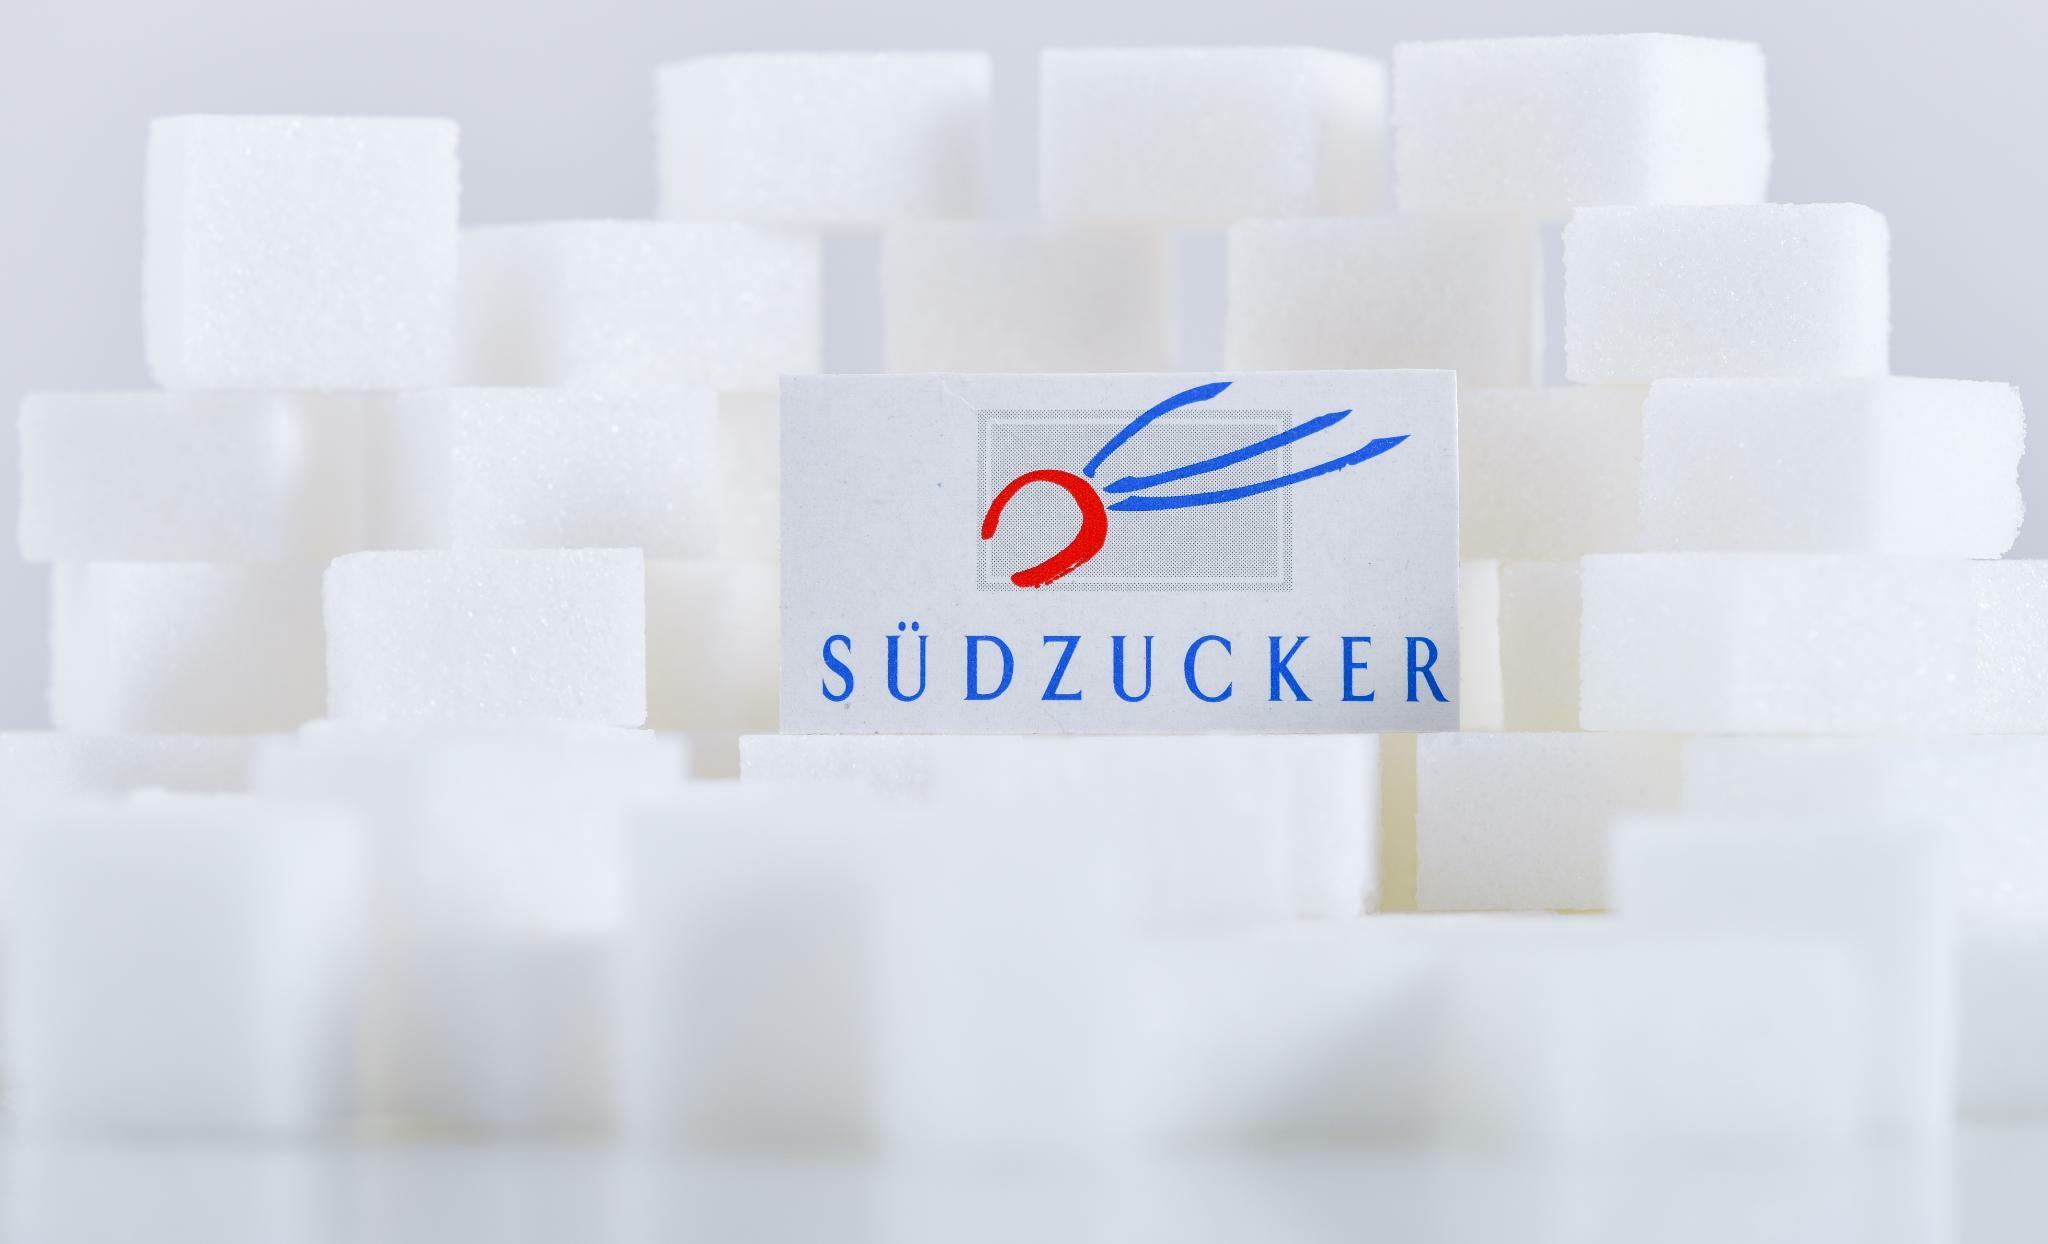 Lebensmittelbranche: Dürre und niedrige Zuckerpreise belasten Südzucker